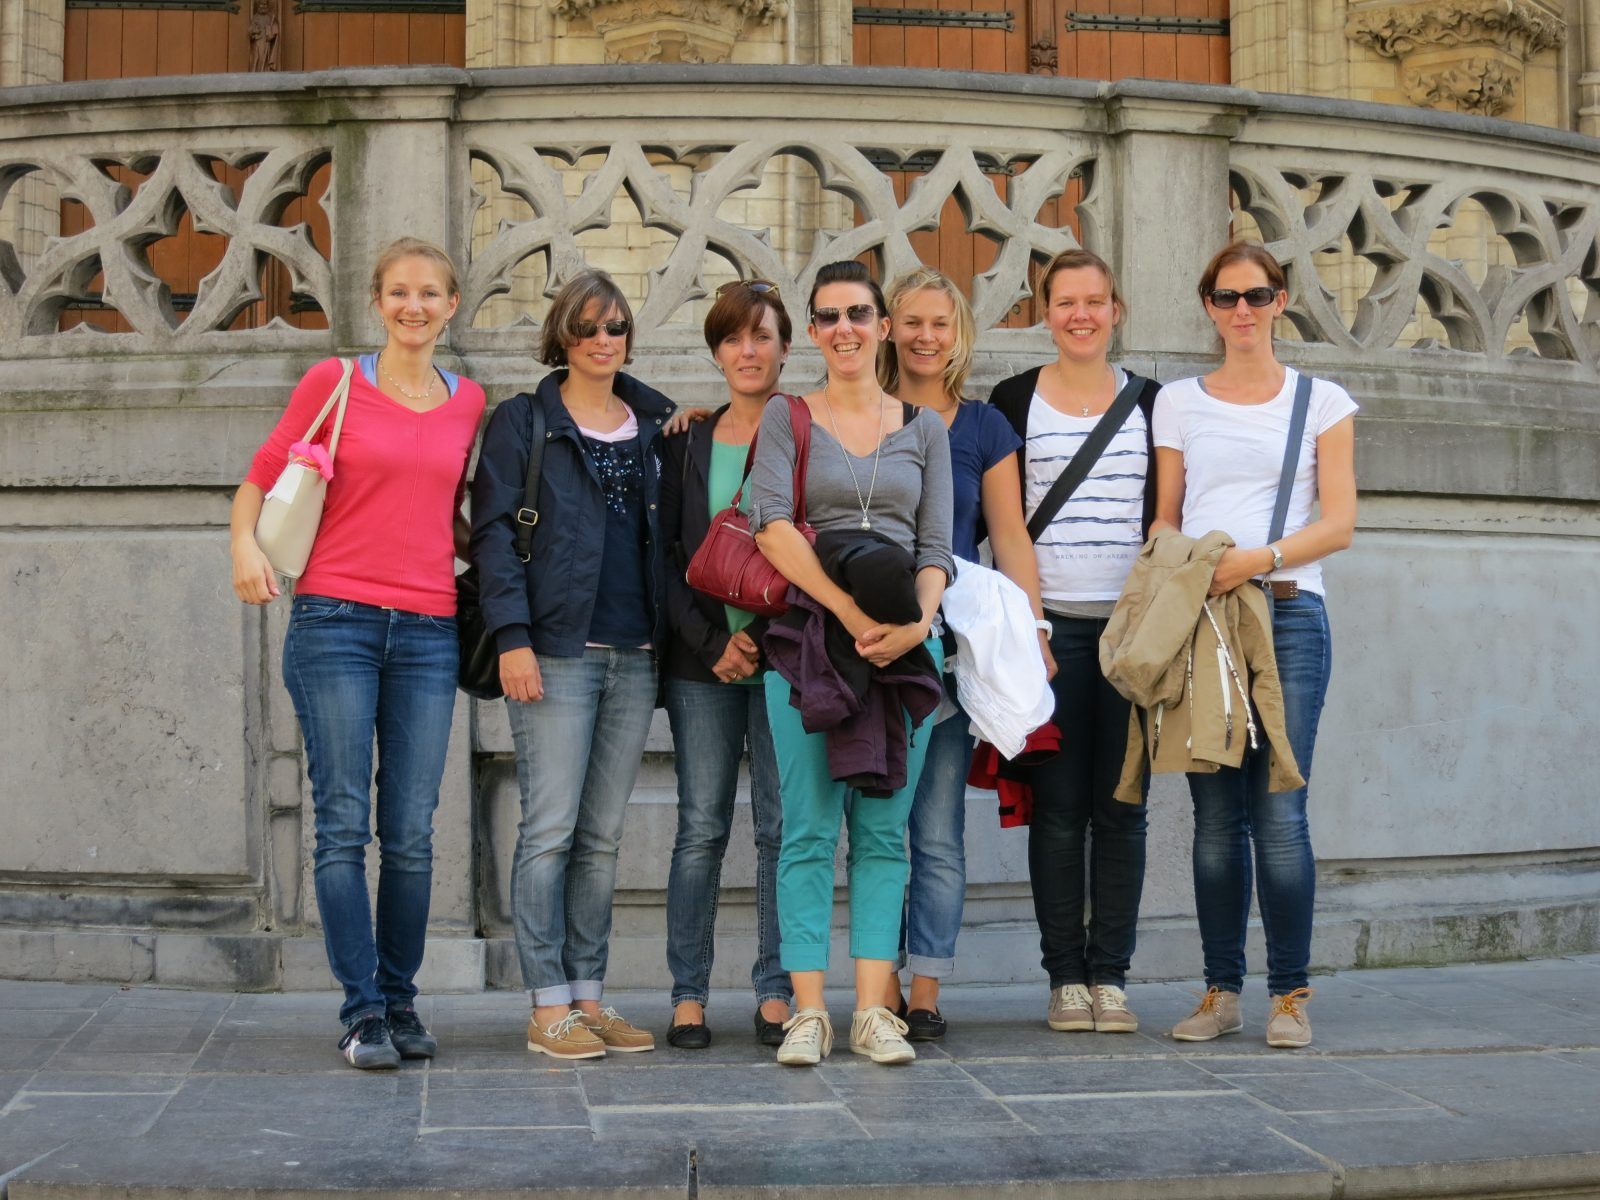 Das Smile Eyes Team aus Trier beim Besuch im historischen Leuven